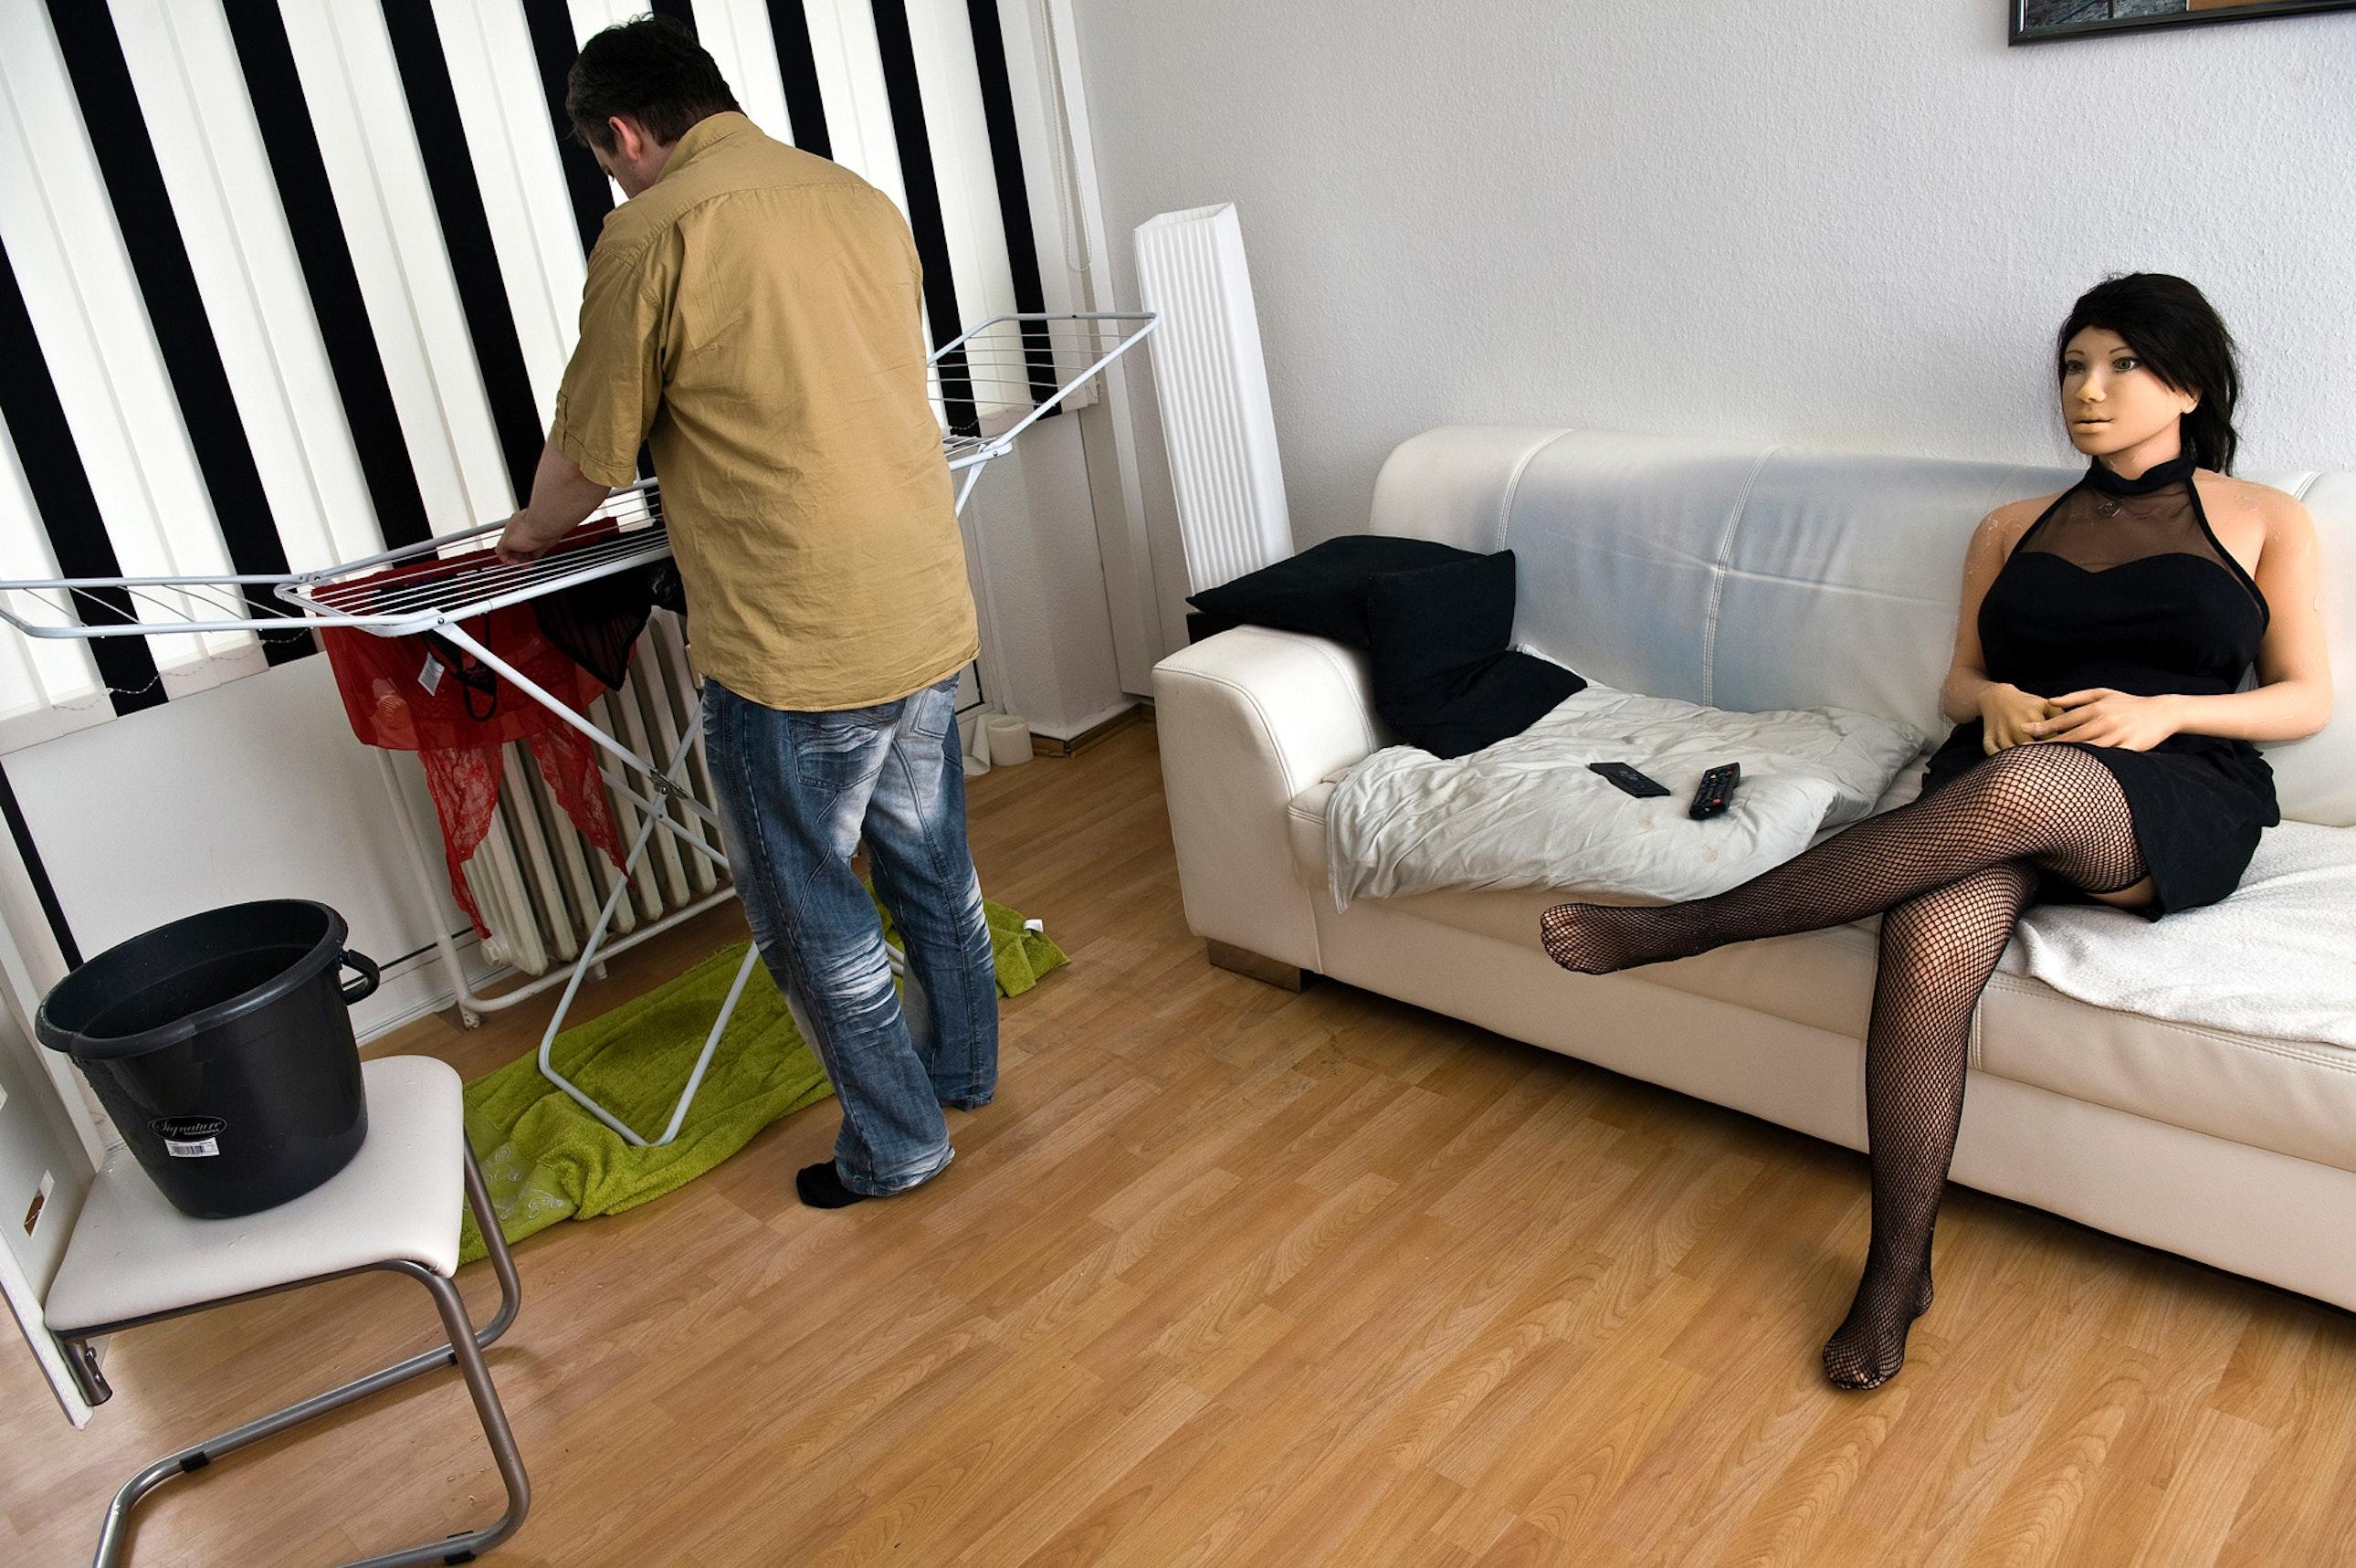 Так трахнули что потеряла сознание онлайн, Оргазм До потери сознания -видео. Смотреть 12 фотография